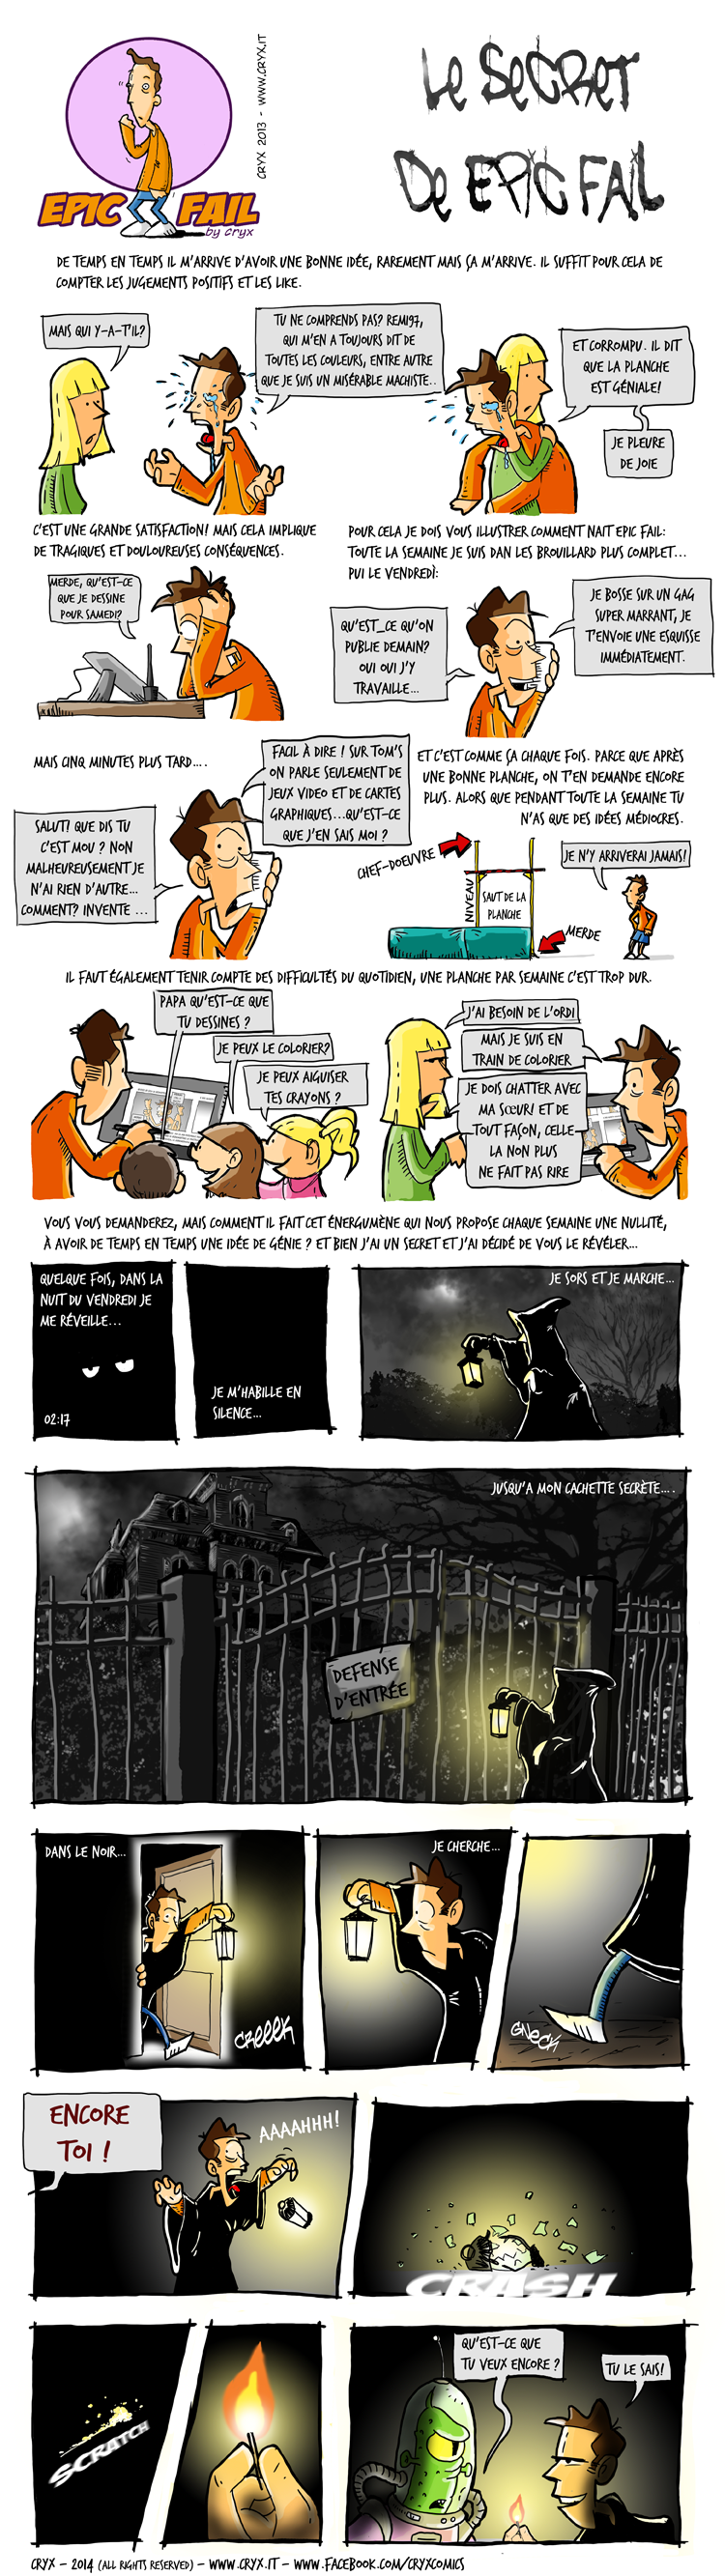 7-epicfail-secret